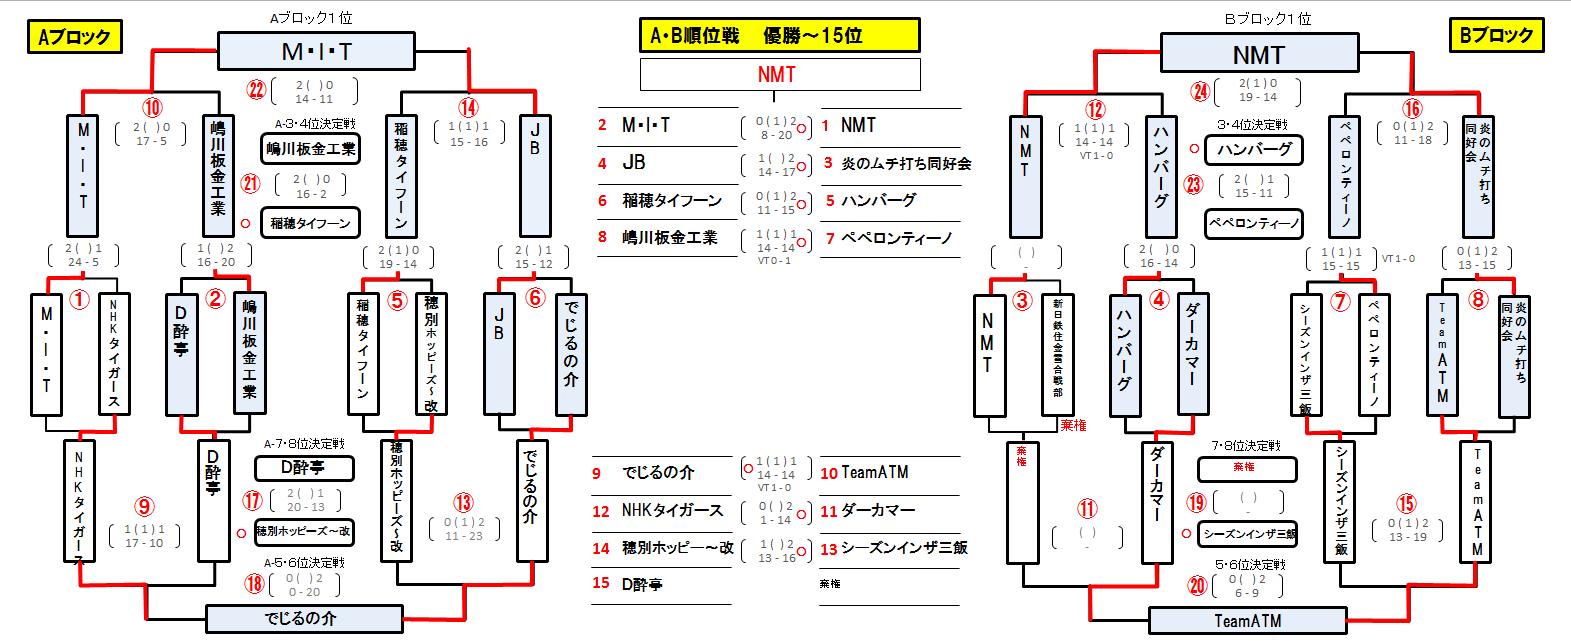 http://www.yukigassen-sapporo.jp/news/up_images/%E3%83%93%E3%83%BC%E3%83%81%E7%B5%90%E6%9E%9C.PNG